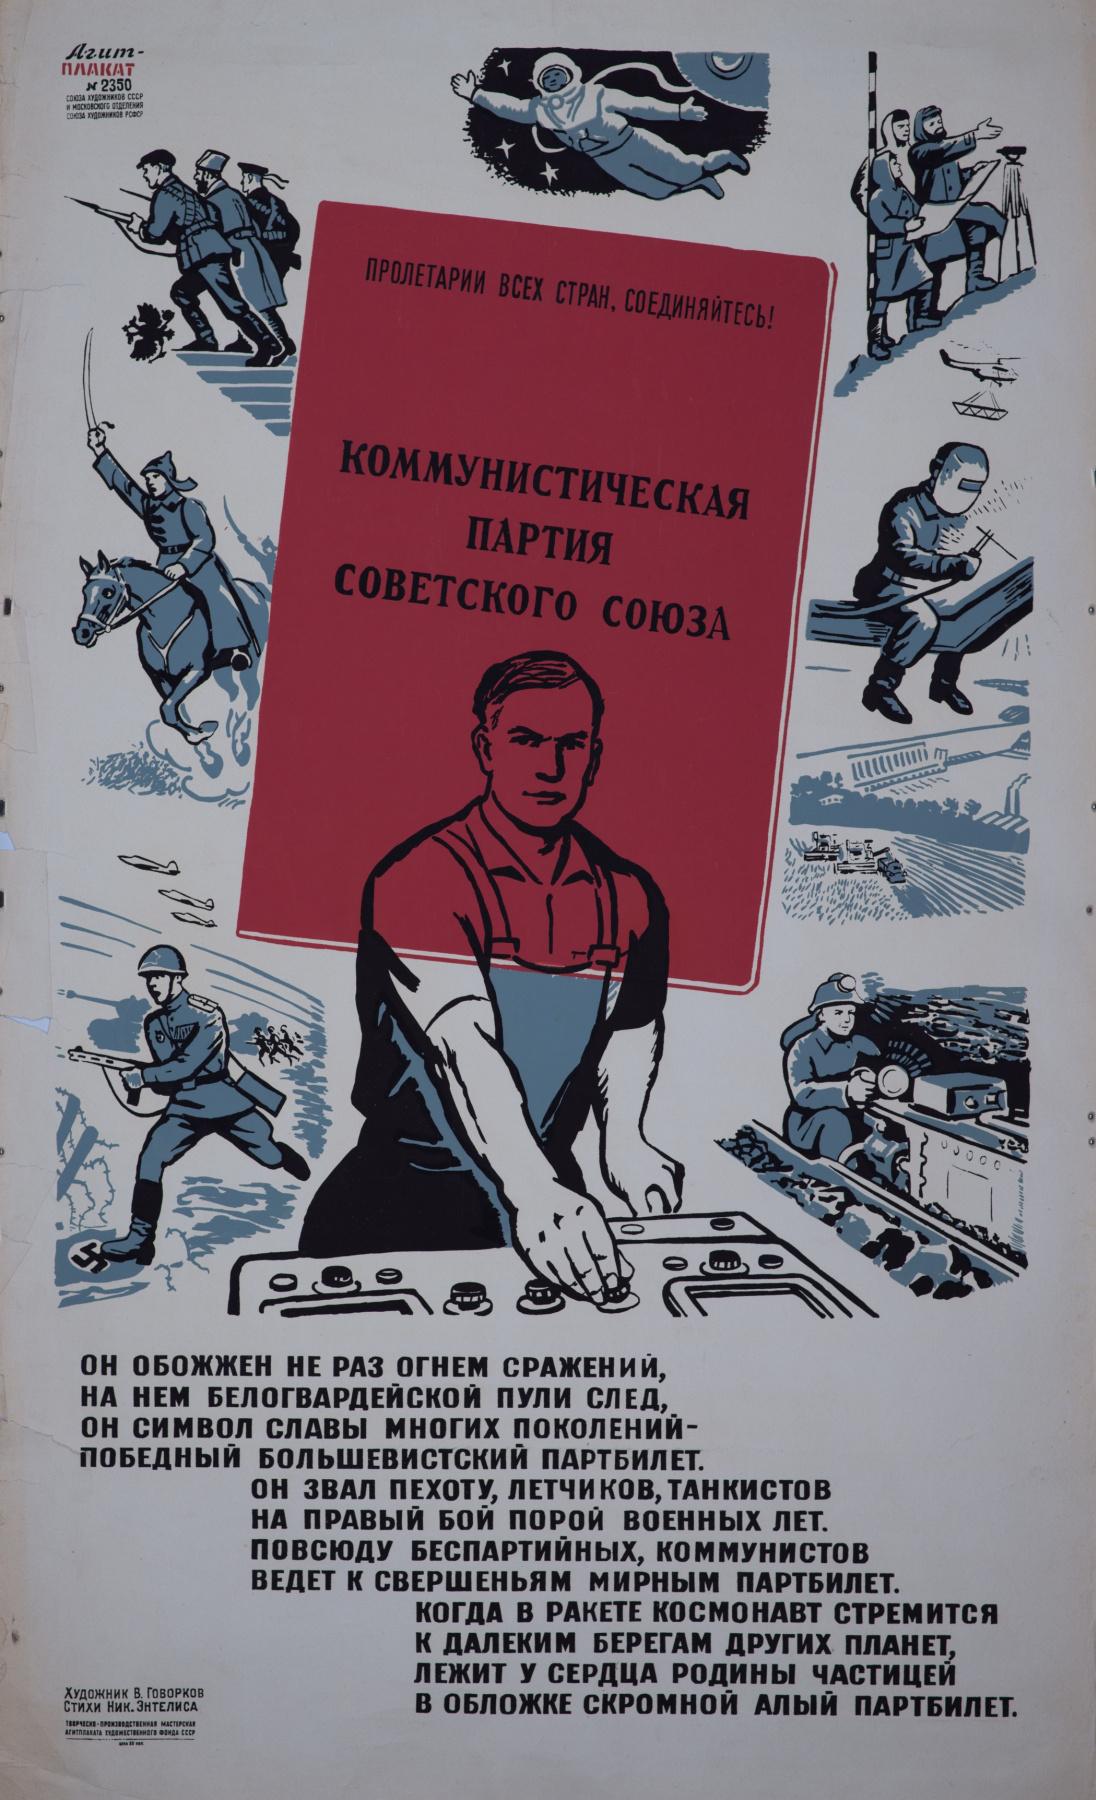 Victor Ivanovich Govorkov. Membership card. Agitplakat No. 2350